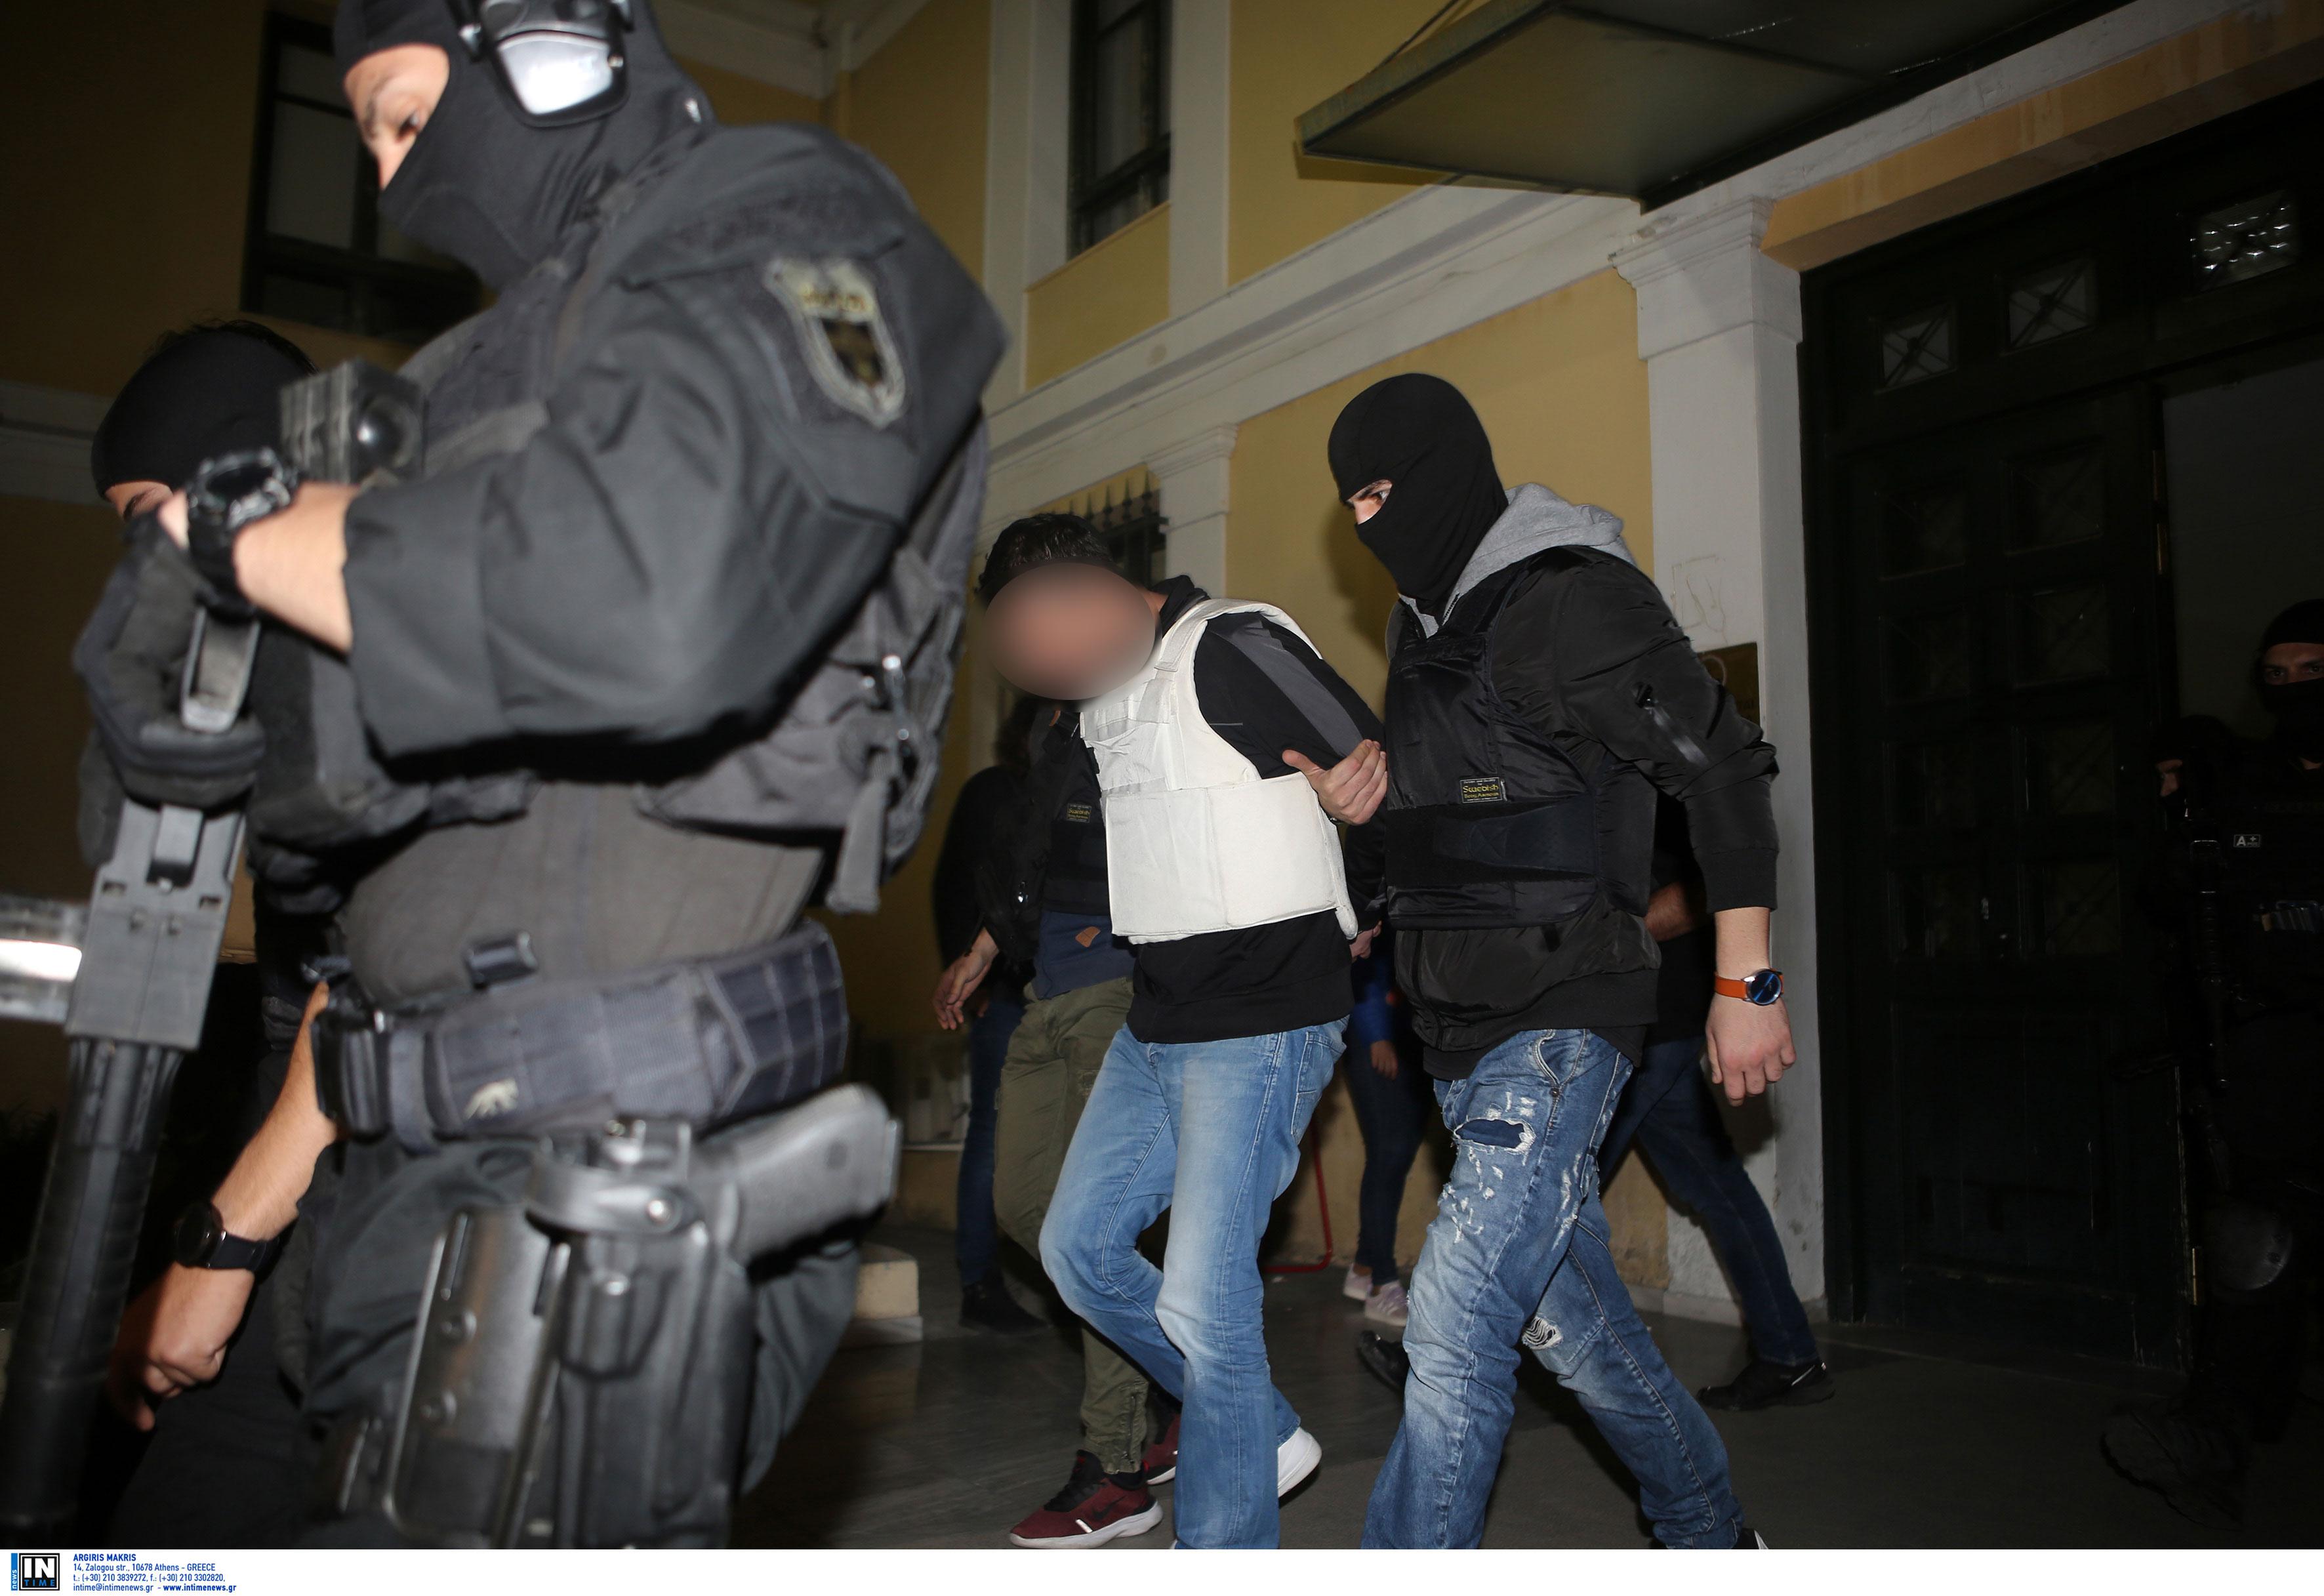 Πήραν προθεσμία οι συλληφθέντες για την «Επαναστατική Αυτοάμυνα» - Δίωξη για τρία κακουργήματα